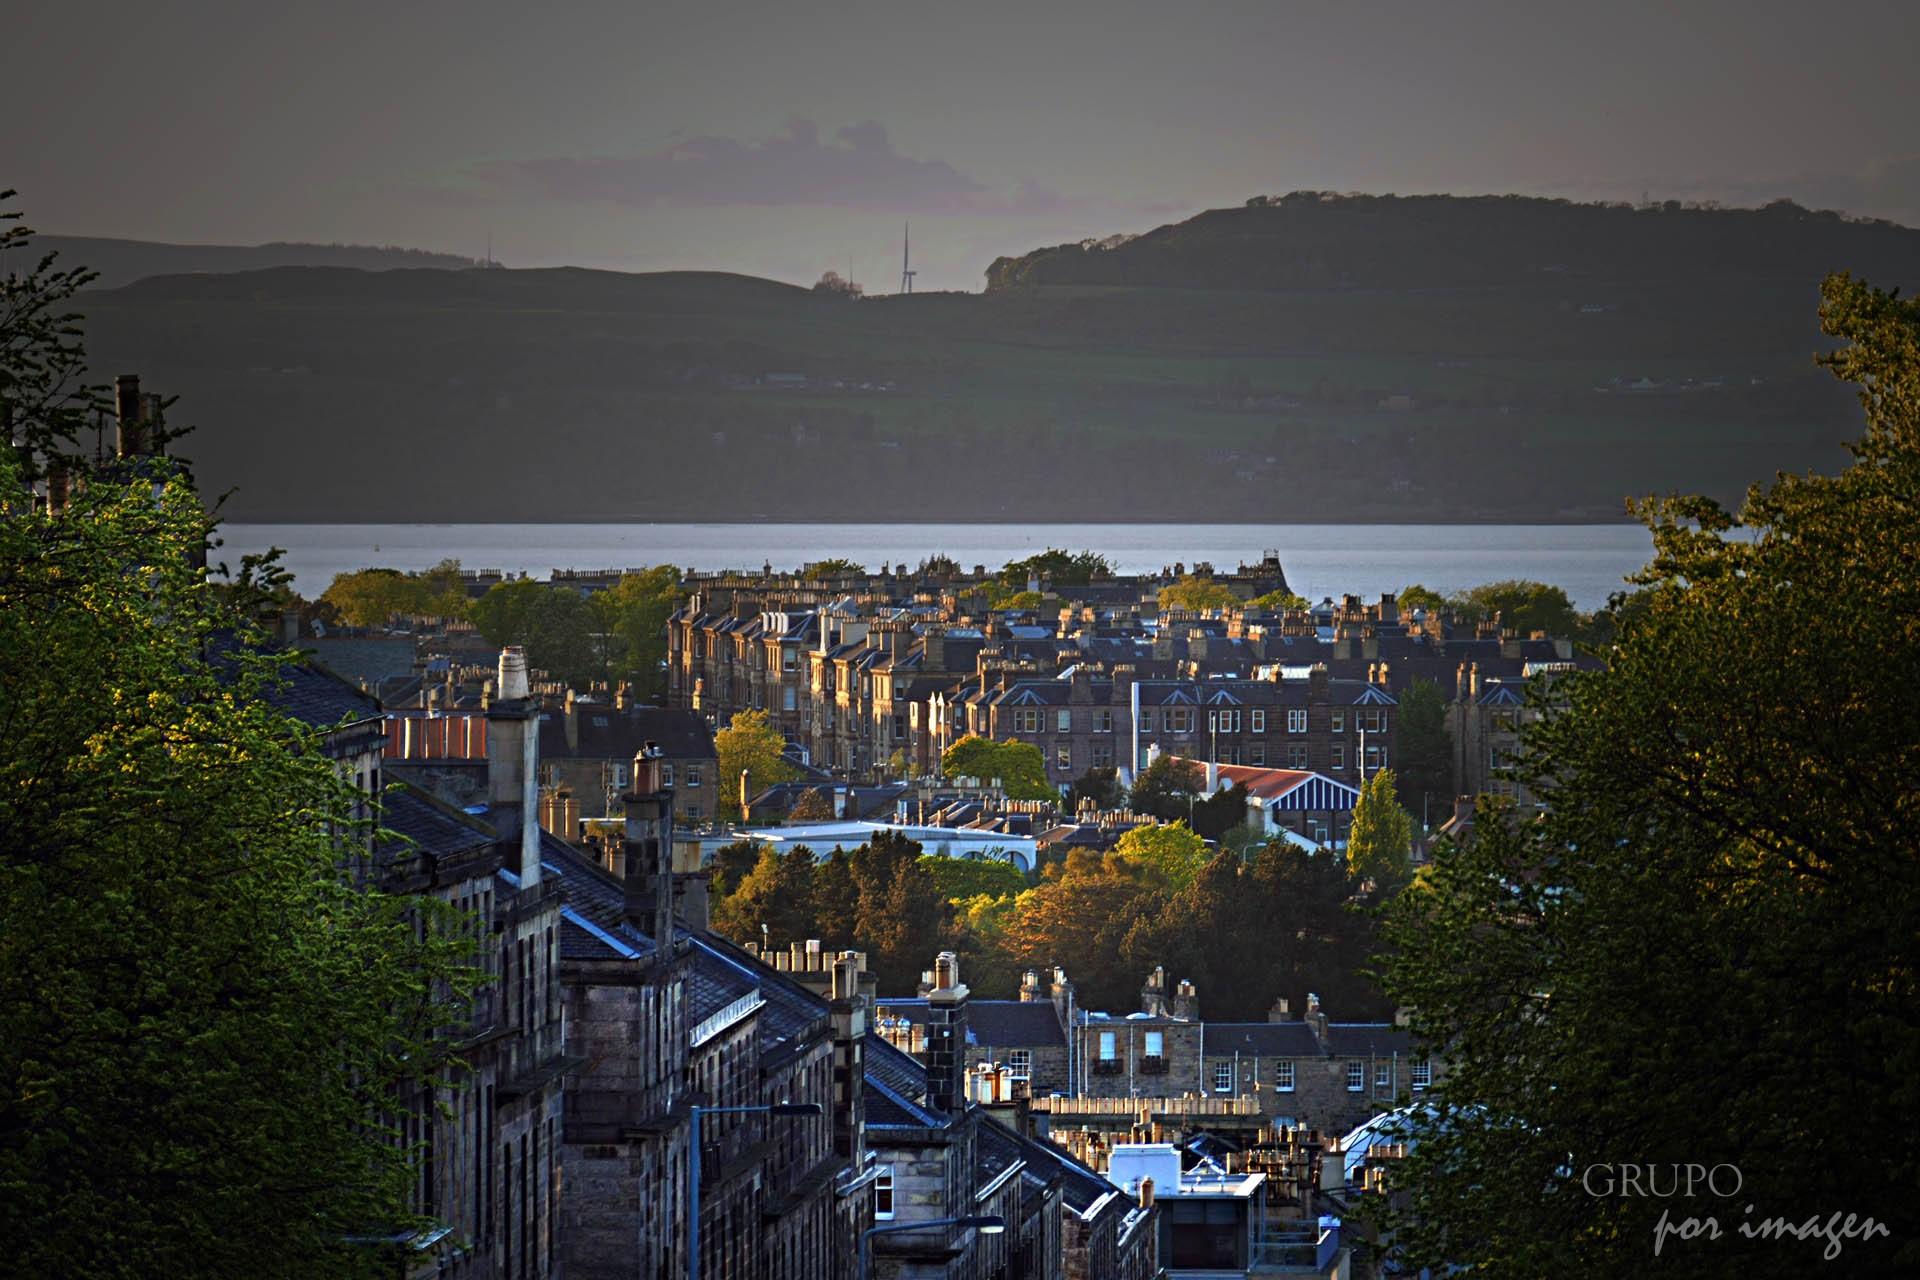 170 b Edimburgo (81) TAB / Efraín David